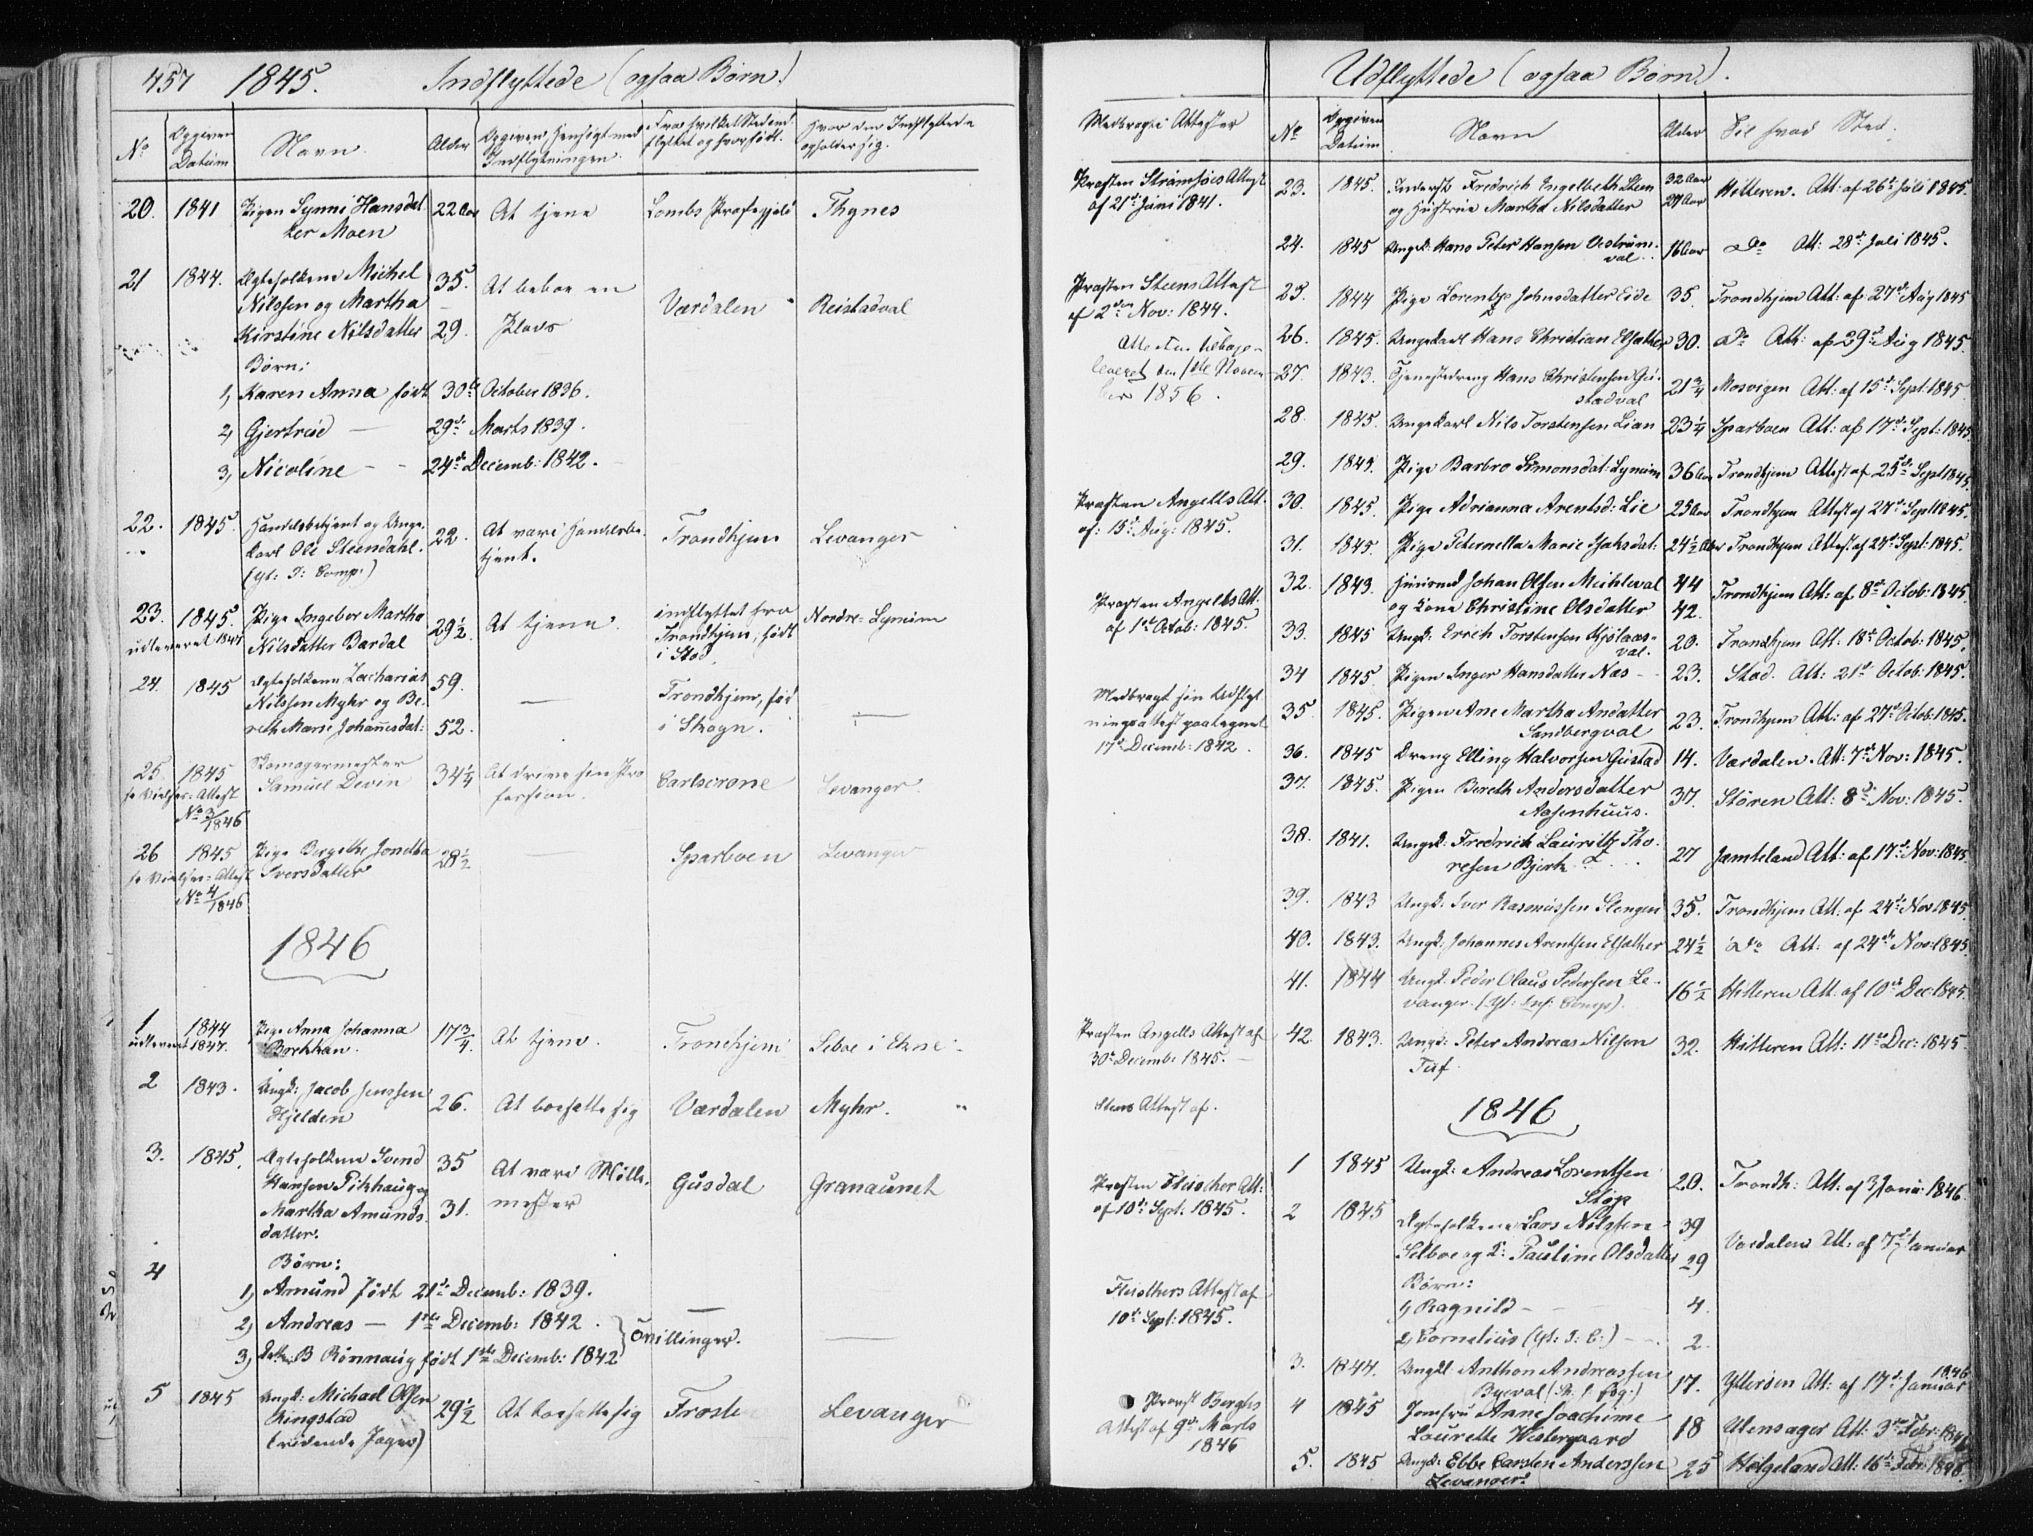 SAT, Ministerialprotokoller, klokkerbøker og fødselsregistre - Nord-Trøndelag, 717/L0154: Ministerialbok nr. 717A06 /1, 1836-1849, s. 457